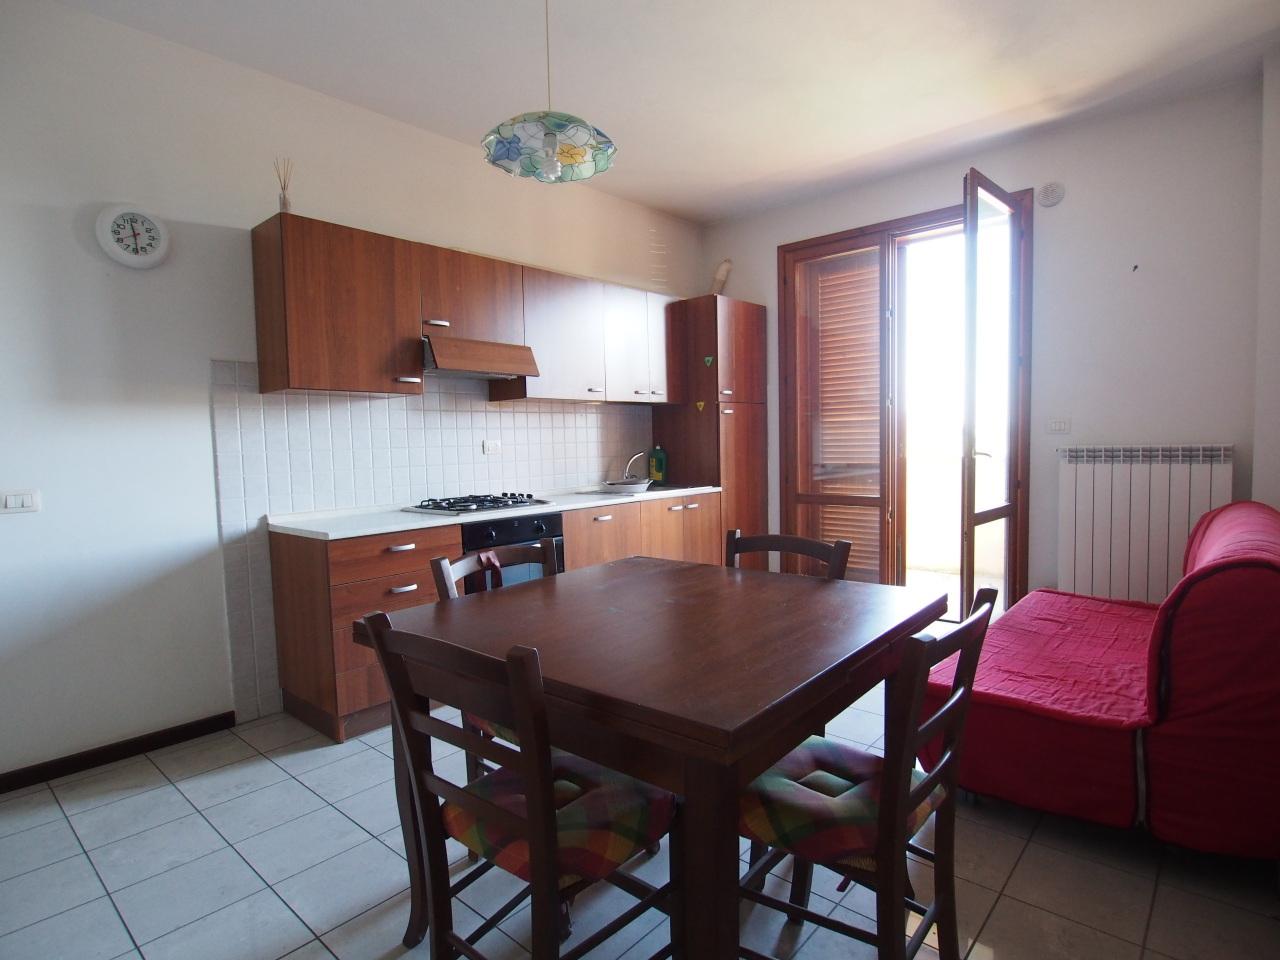 Bilocale in affitto RIF. L277, San Miniato (PI)